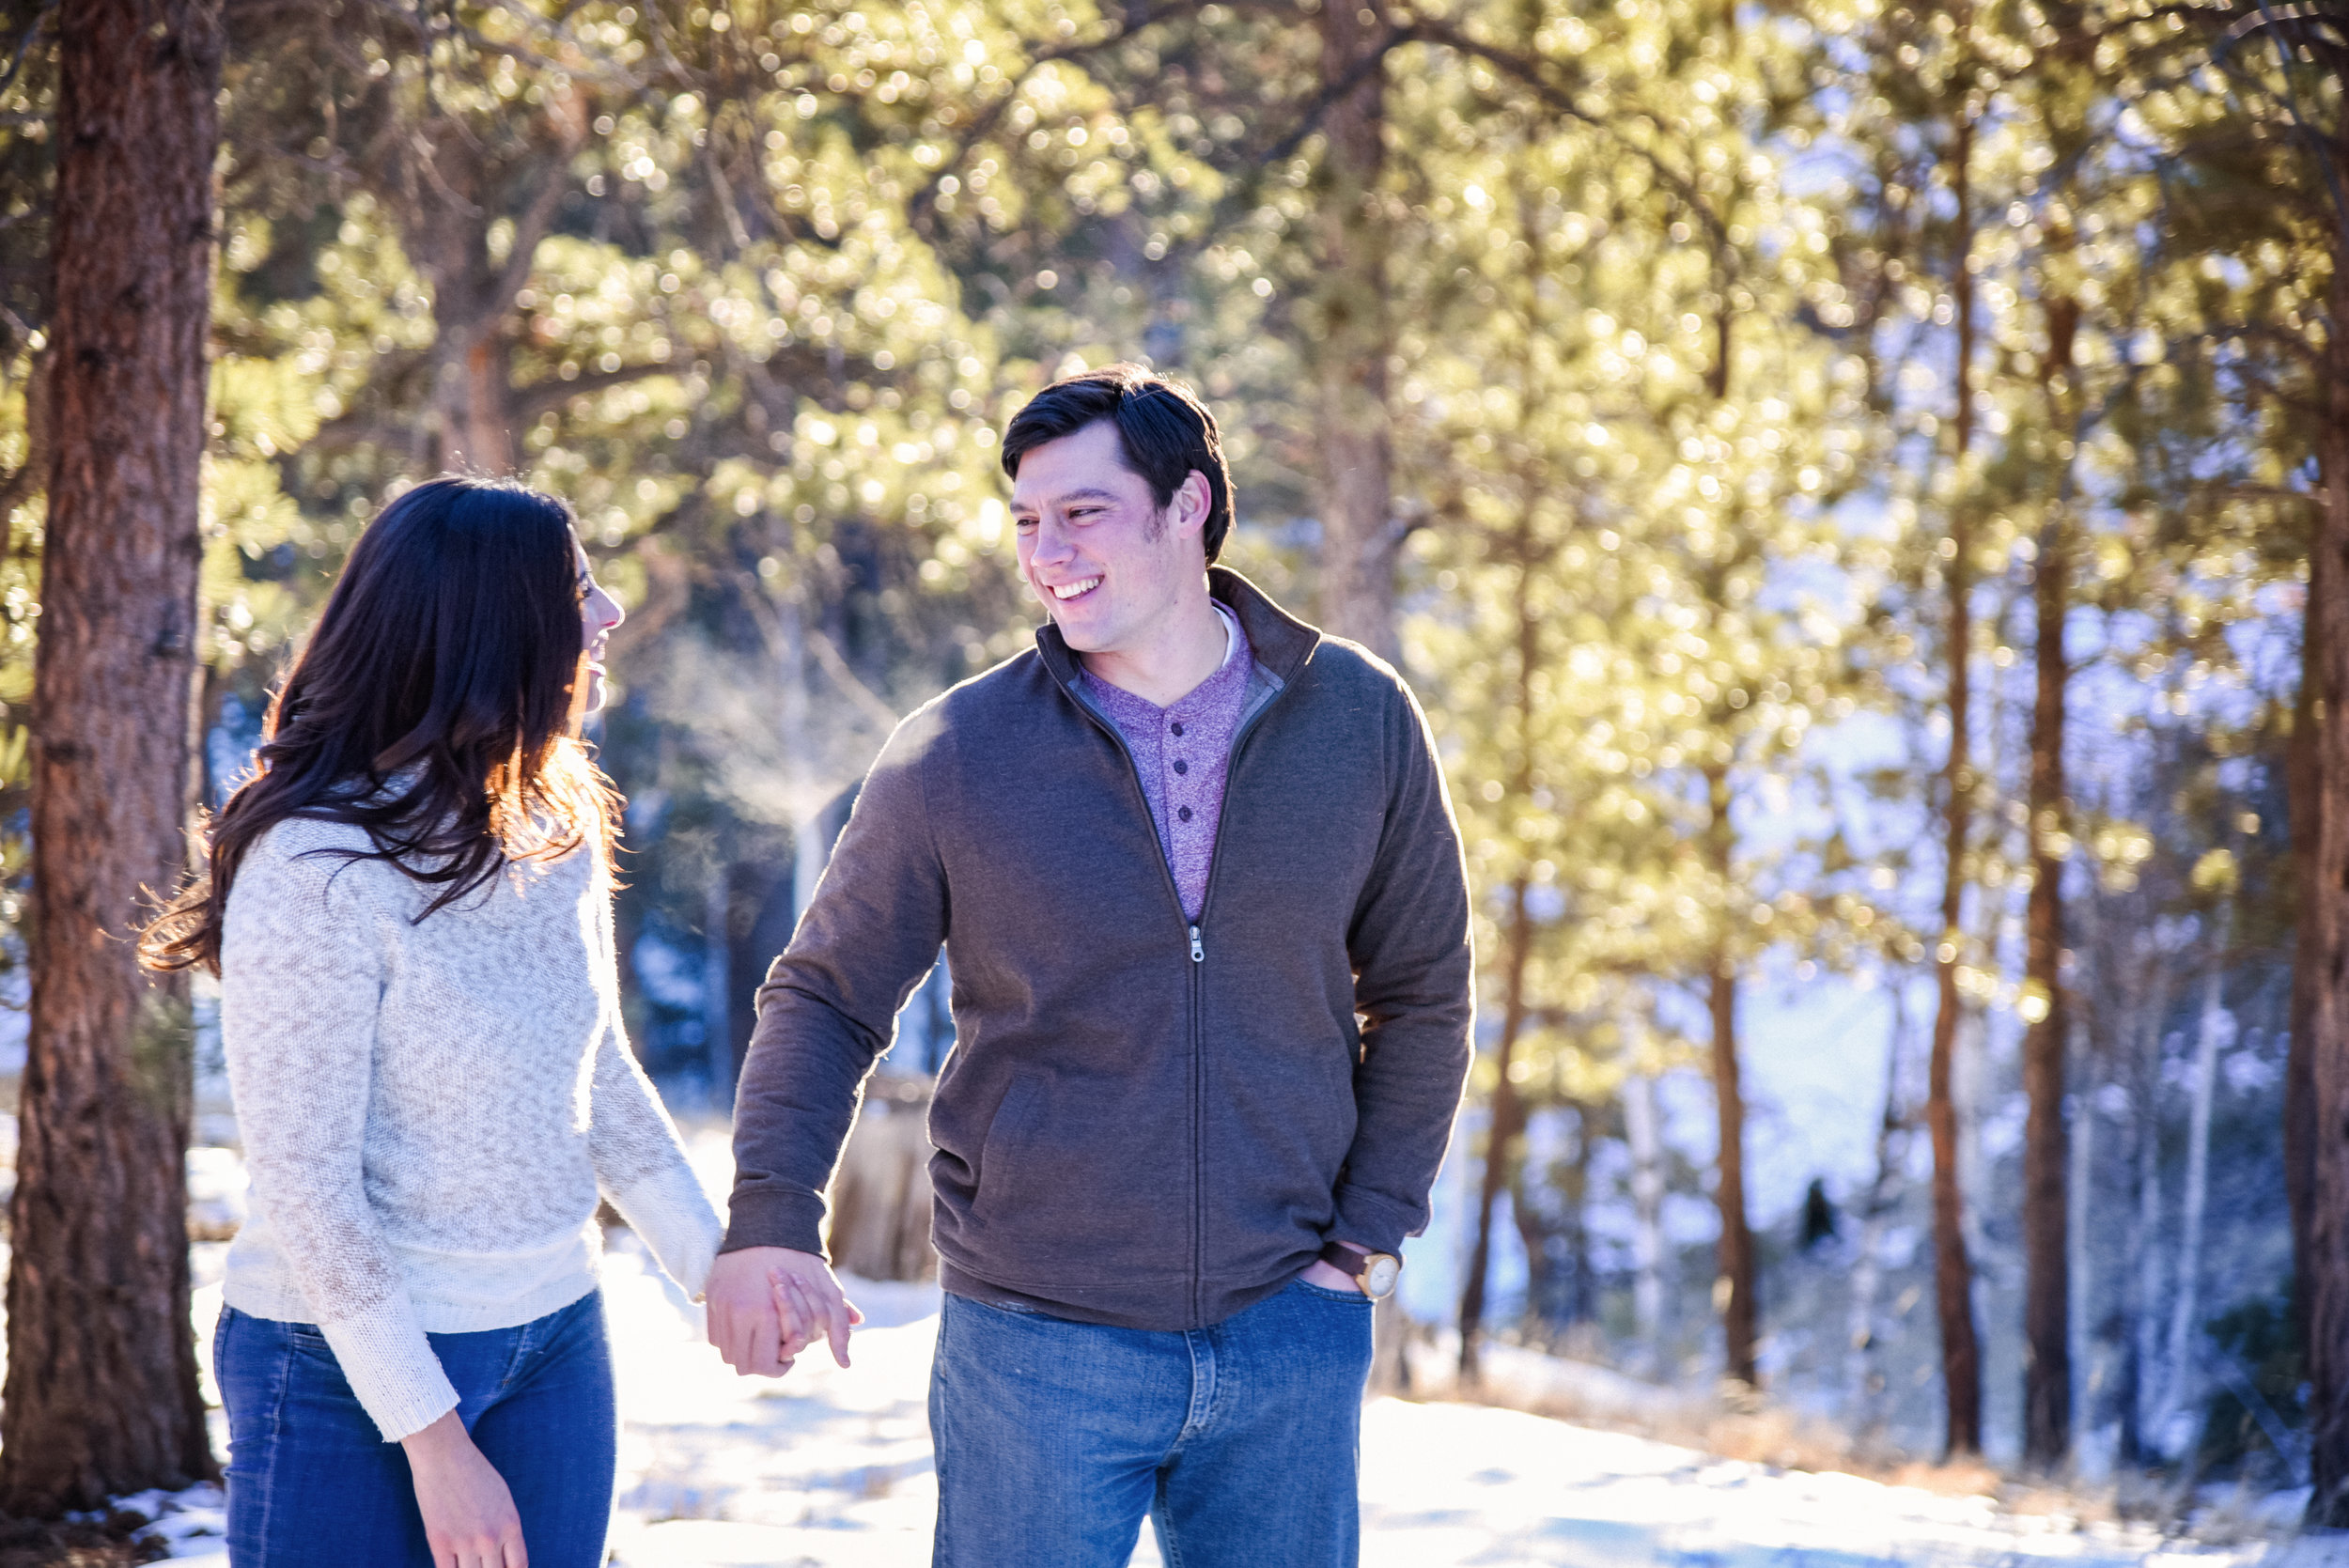 Colorado mountain engagement photos, colorado wedding photographer, denver wedding photographer, rocky mountain wedding photographer, colorado engagement photographer,